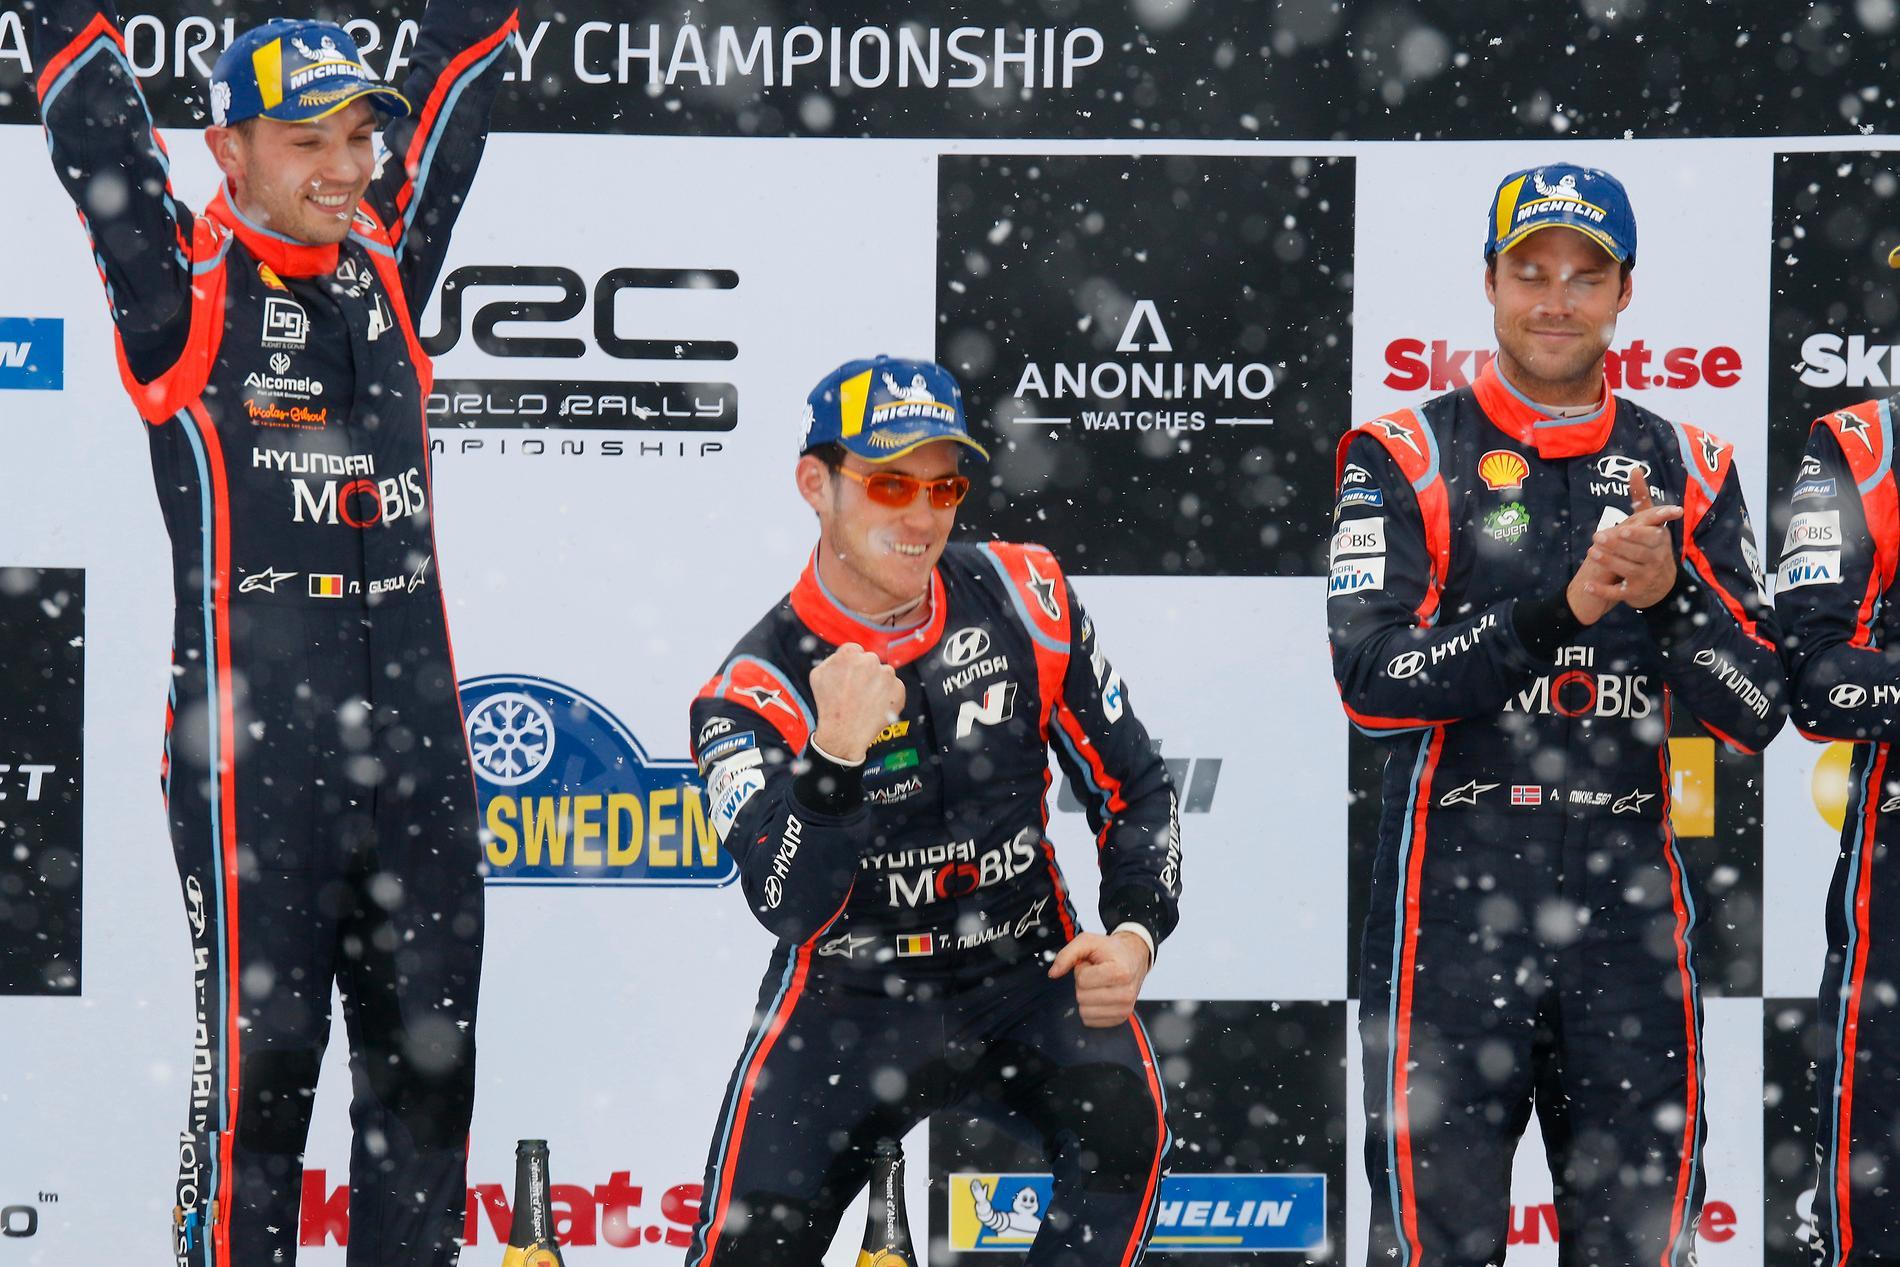 Thierry Neuville från Belgien vann Rally Sweden, eller Svenska rallyt. Här är tider för radio och TV 2019.